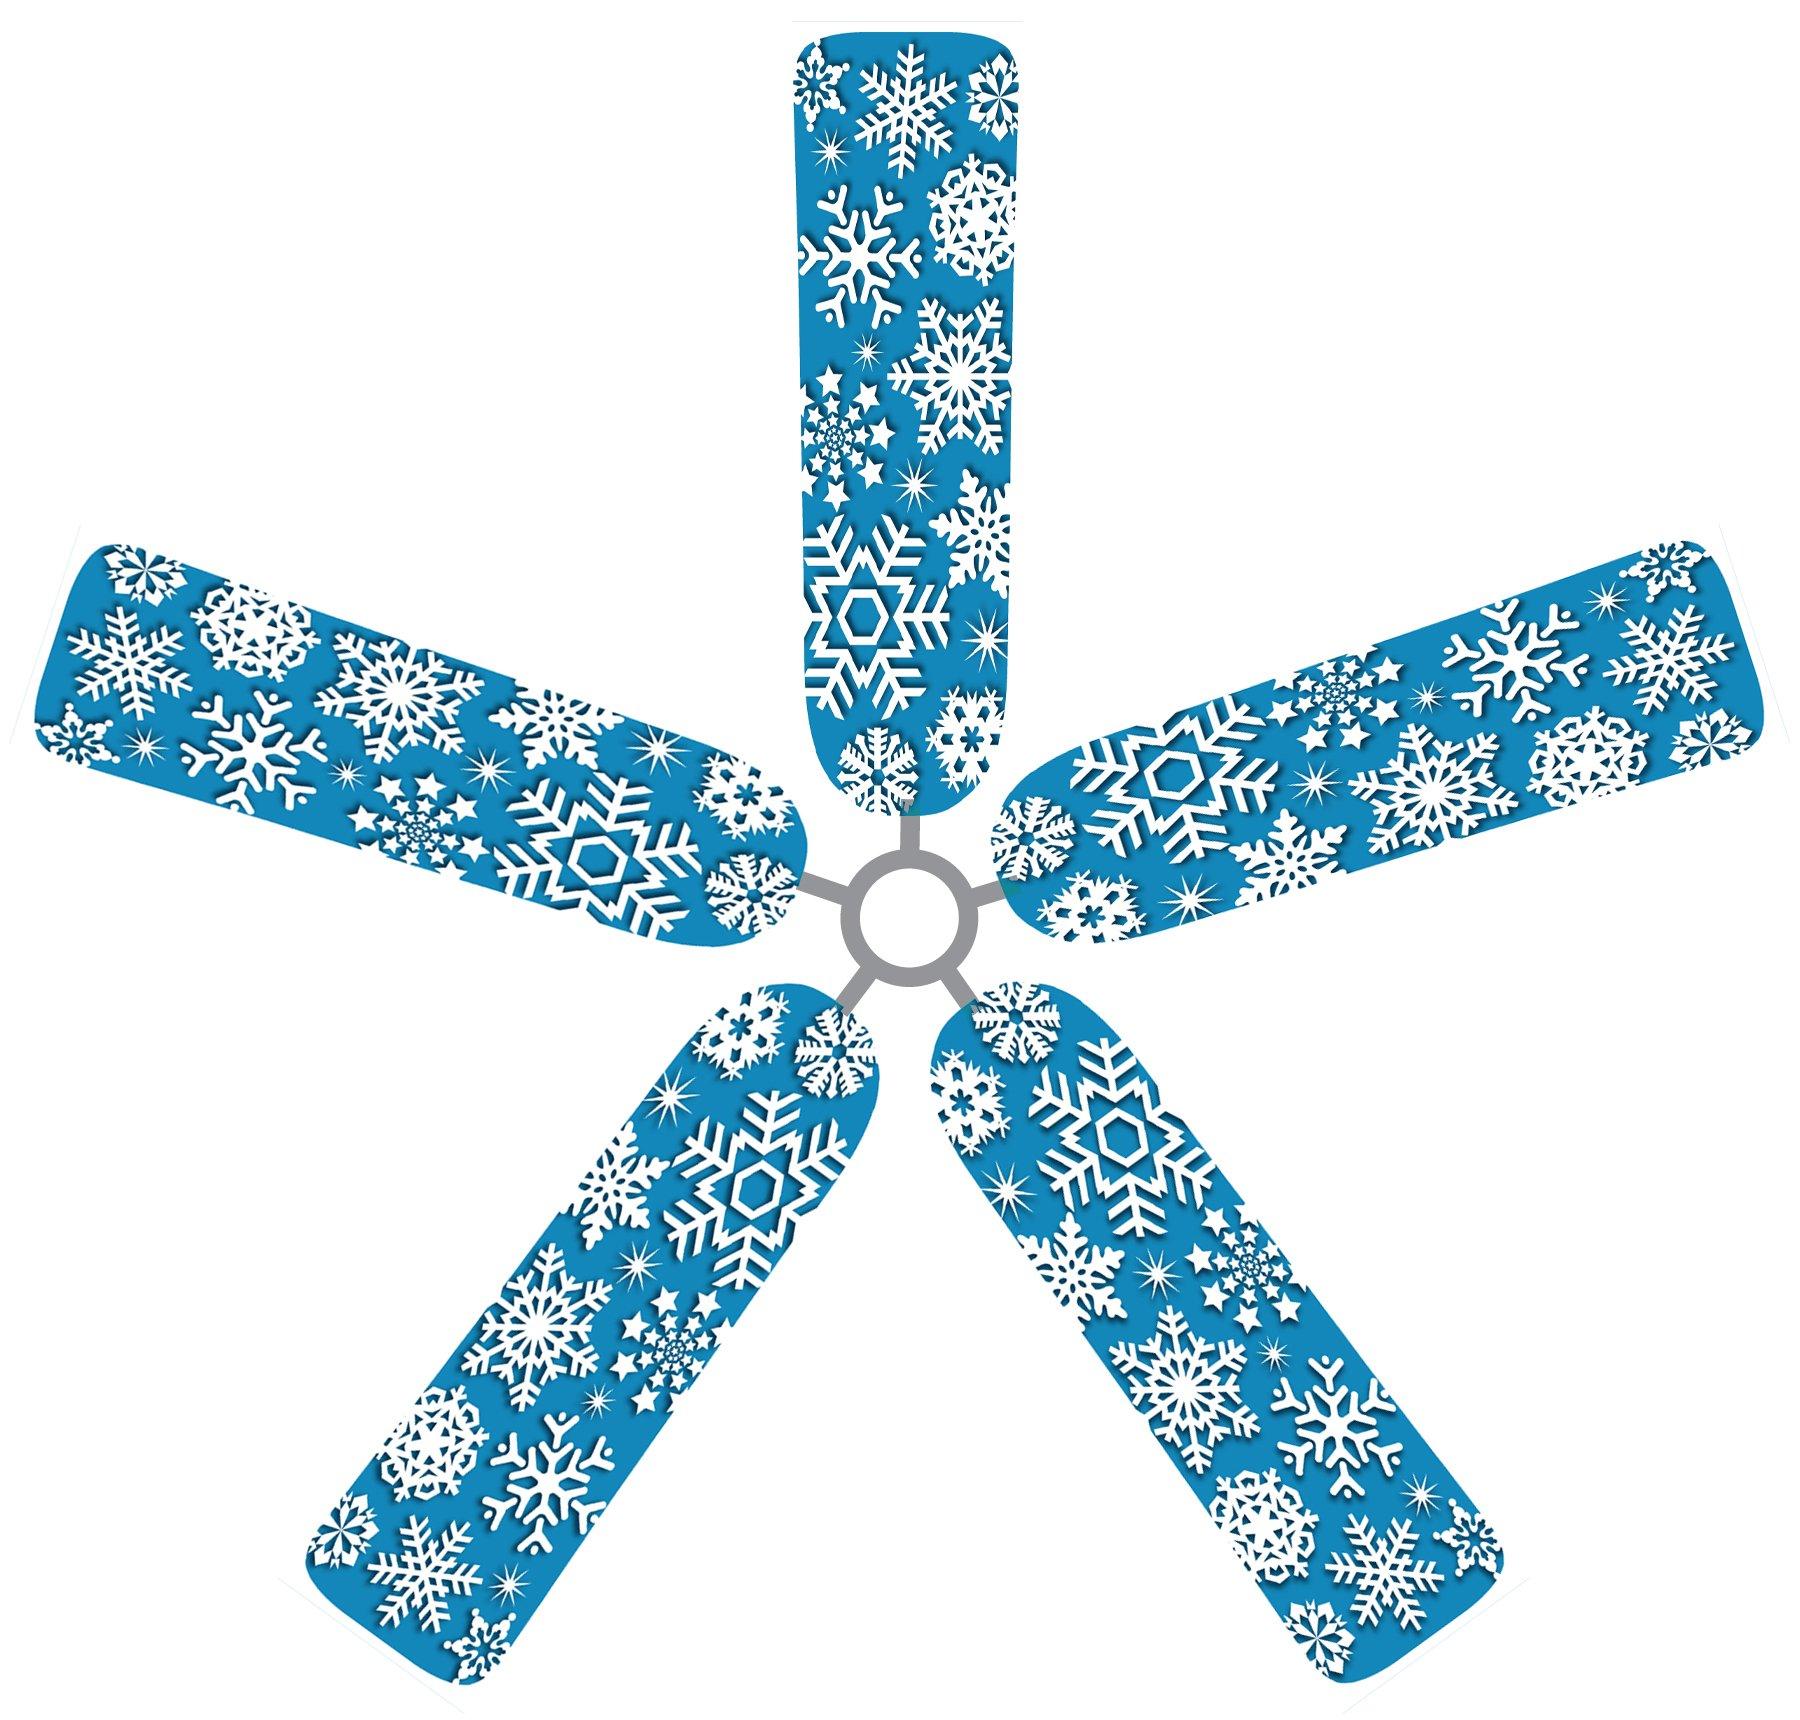 Fan Blade Designs Snowflake Ceiling Fan Blade Covers